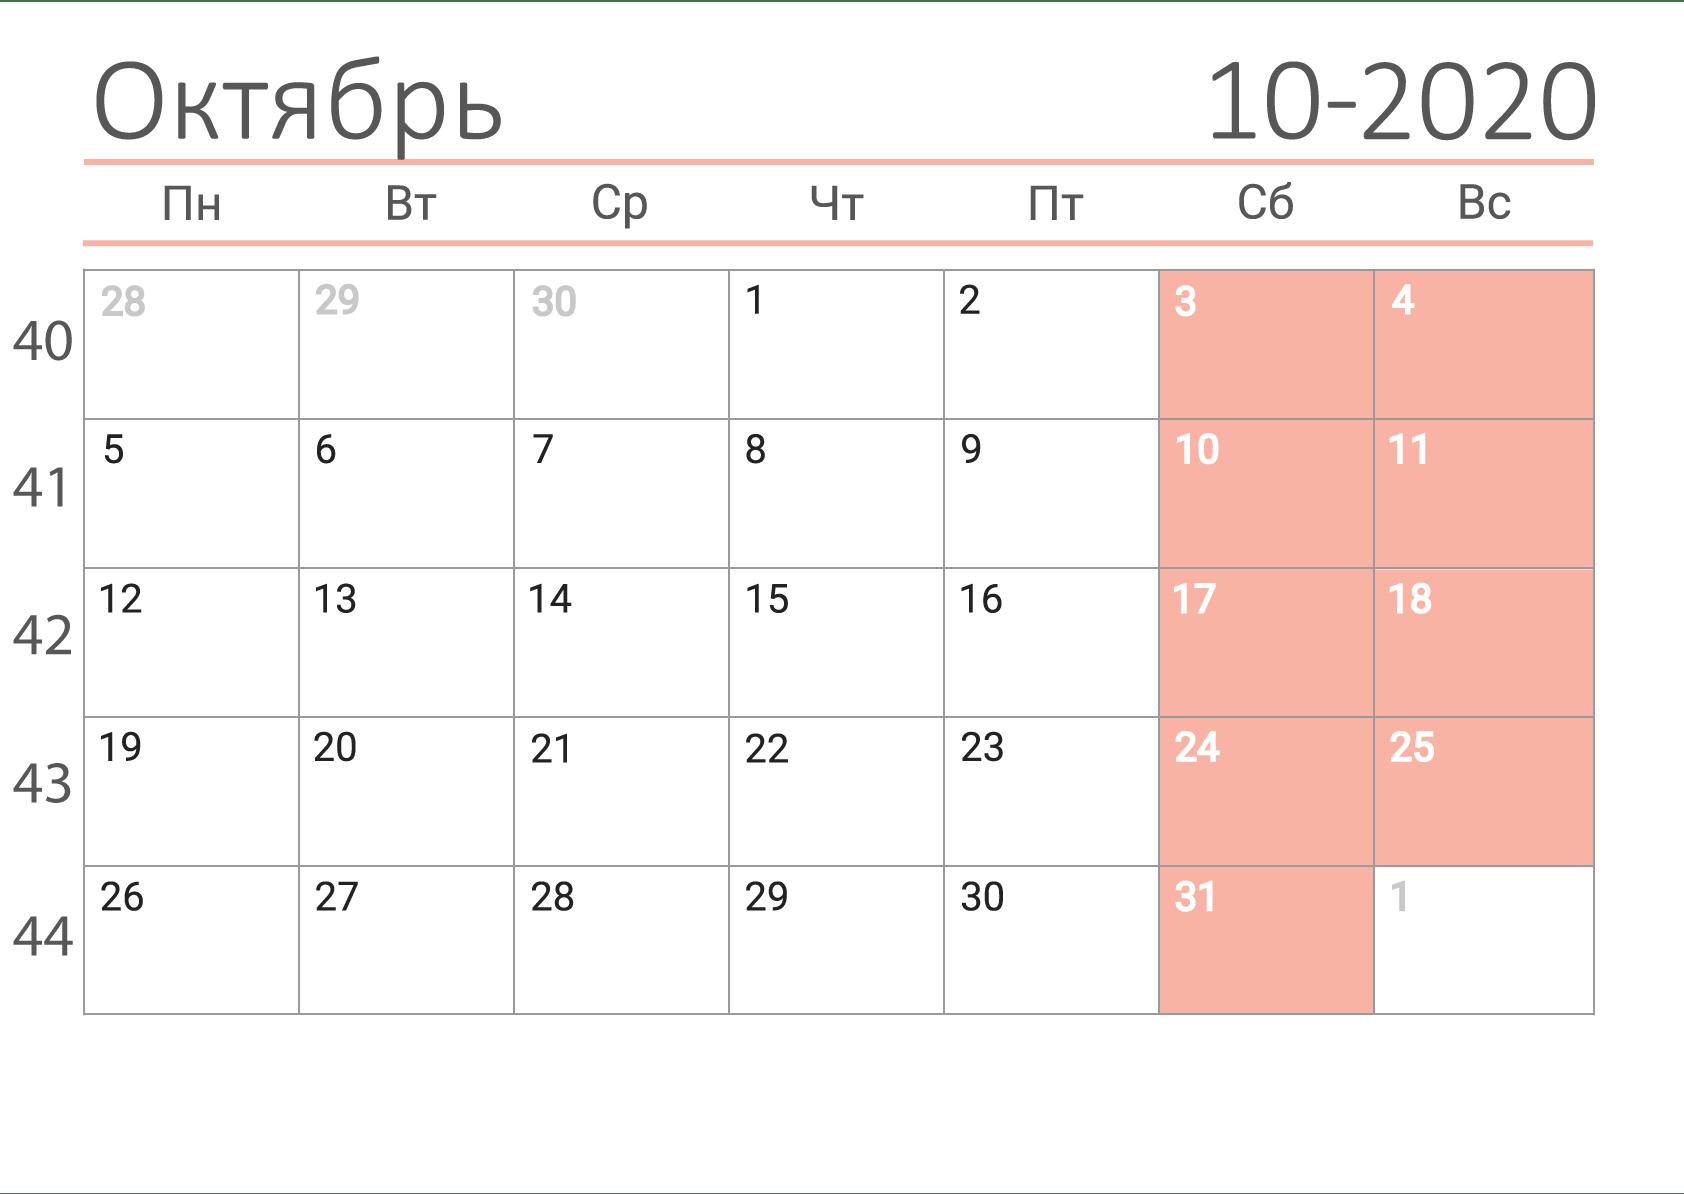 Октябрь 2020 - Календарь в клетку с номерами недель